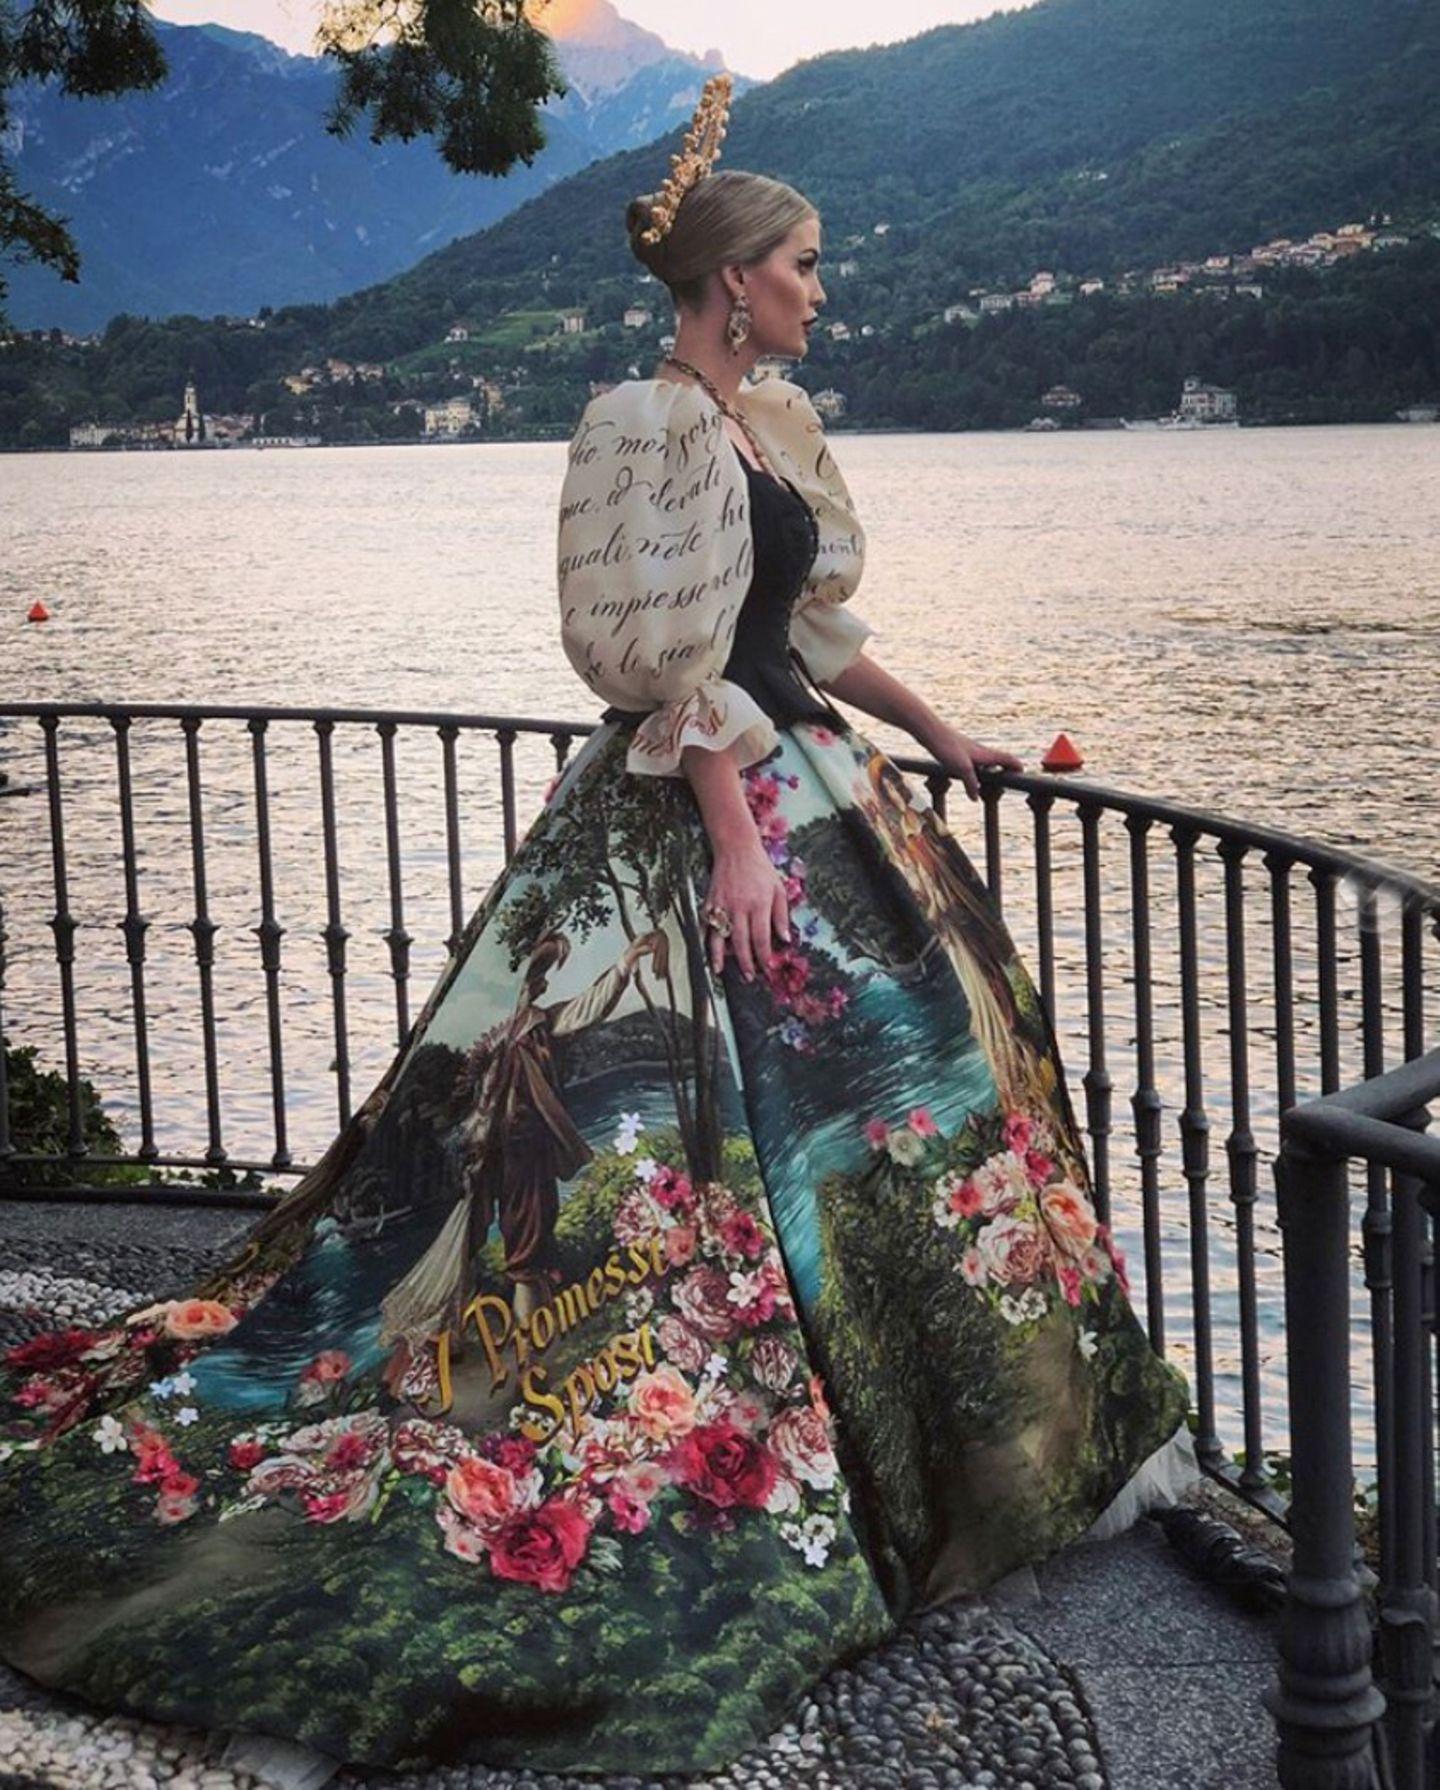 Kein Blick führt hier an ihrem Kleid vorbei, das ihren Adelstitel nochmals unterstreicht. Was für eine Lady!